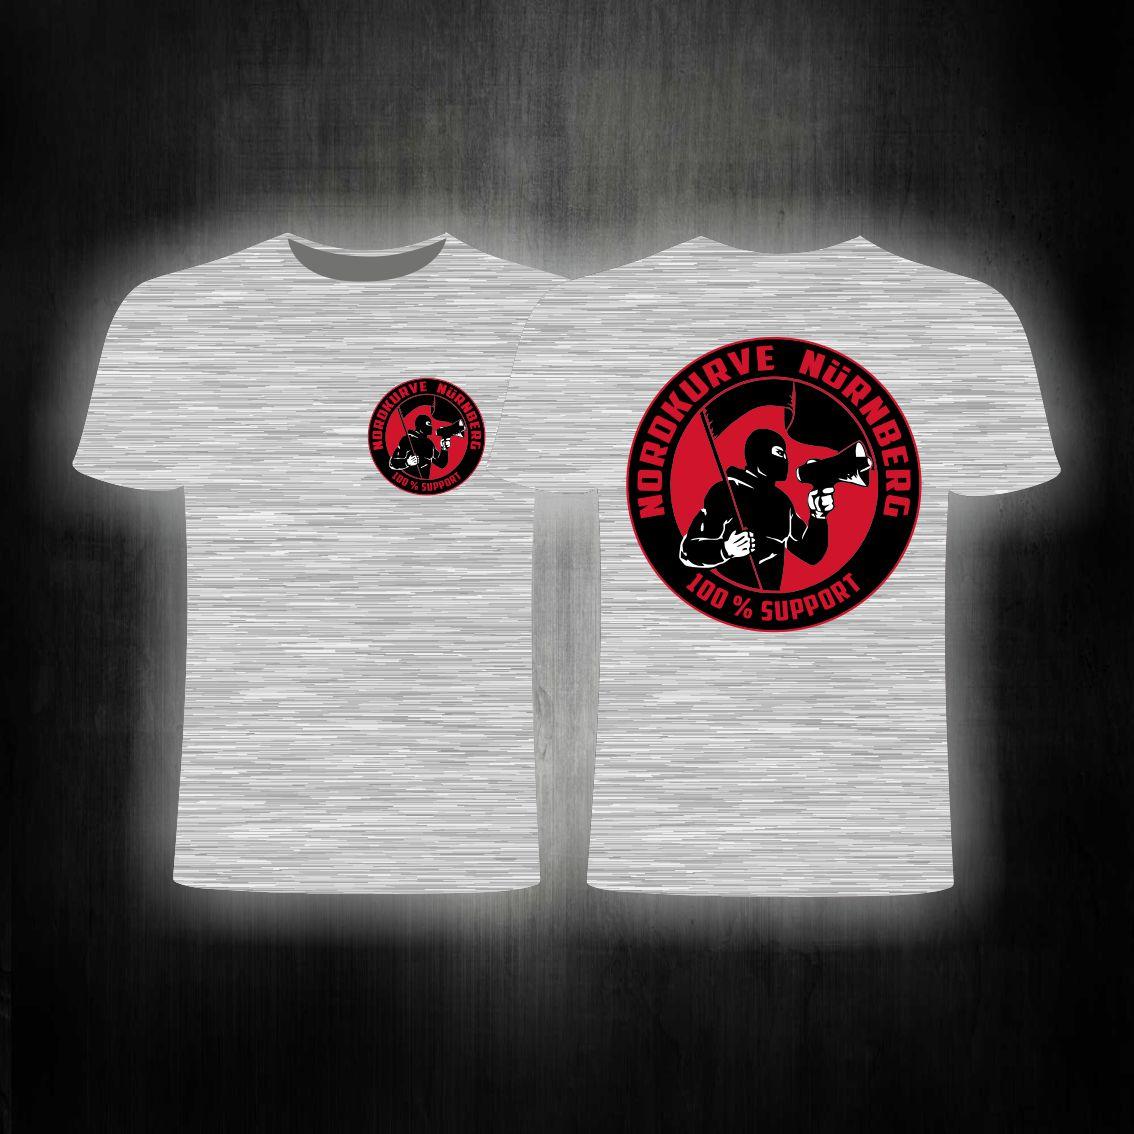 T-Shirt beidseitig bedruckt - 100% Support Nordkurve grau melier